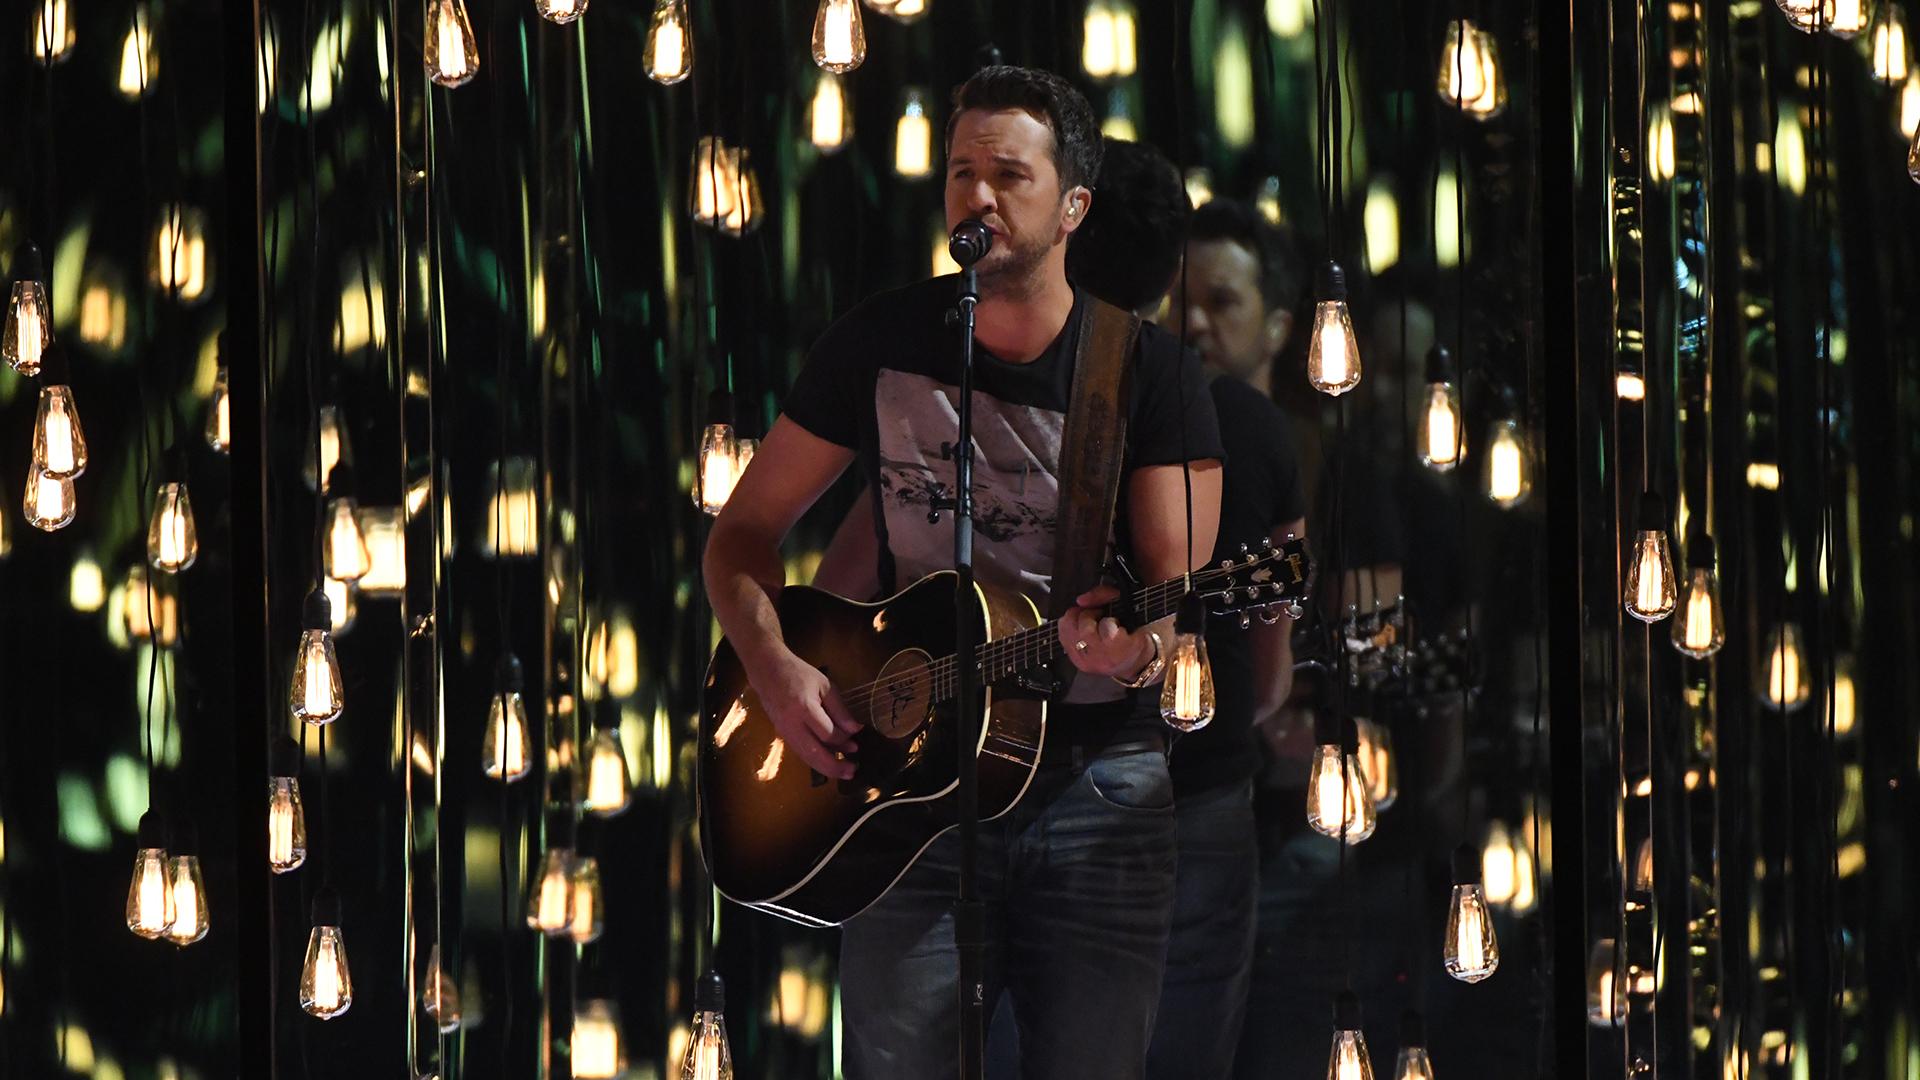 Luke Bryan performs